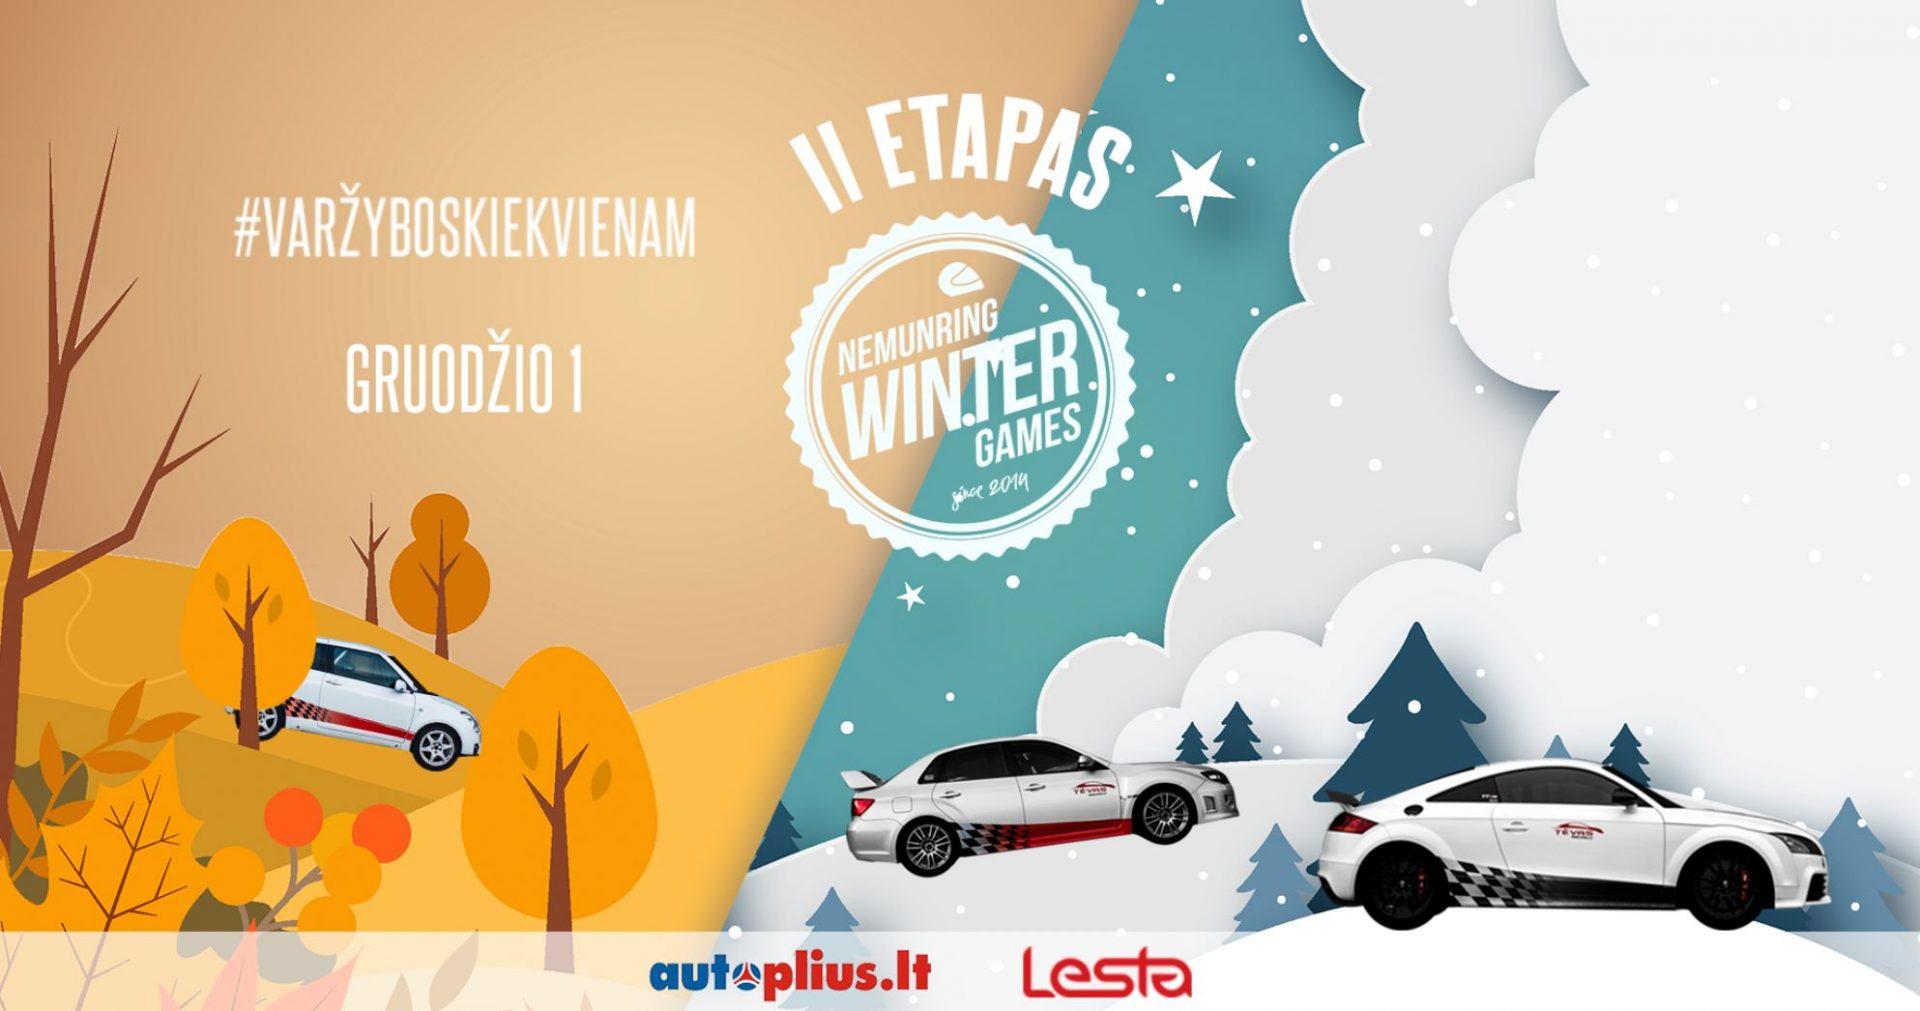 Nemunring Winter Games 2/6